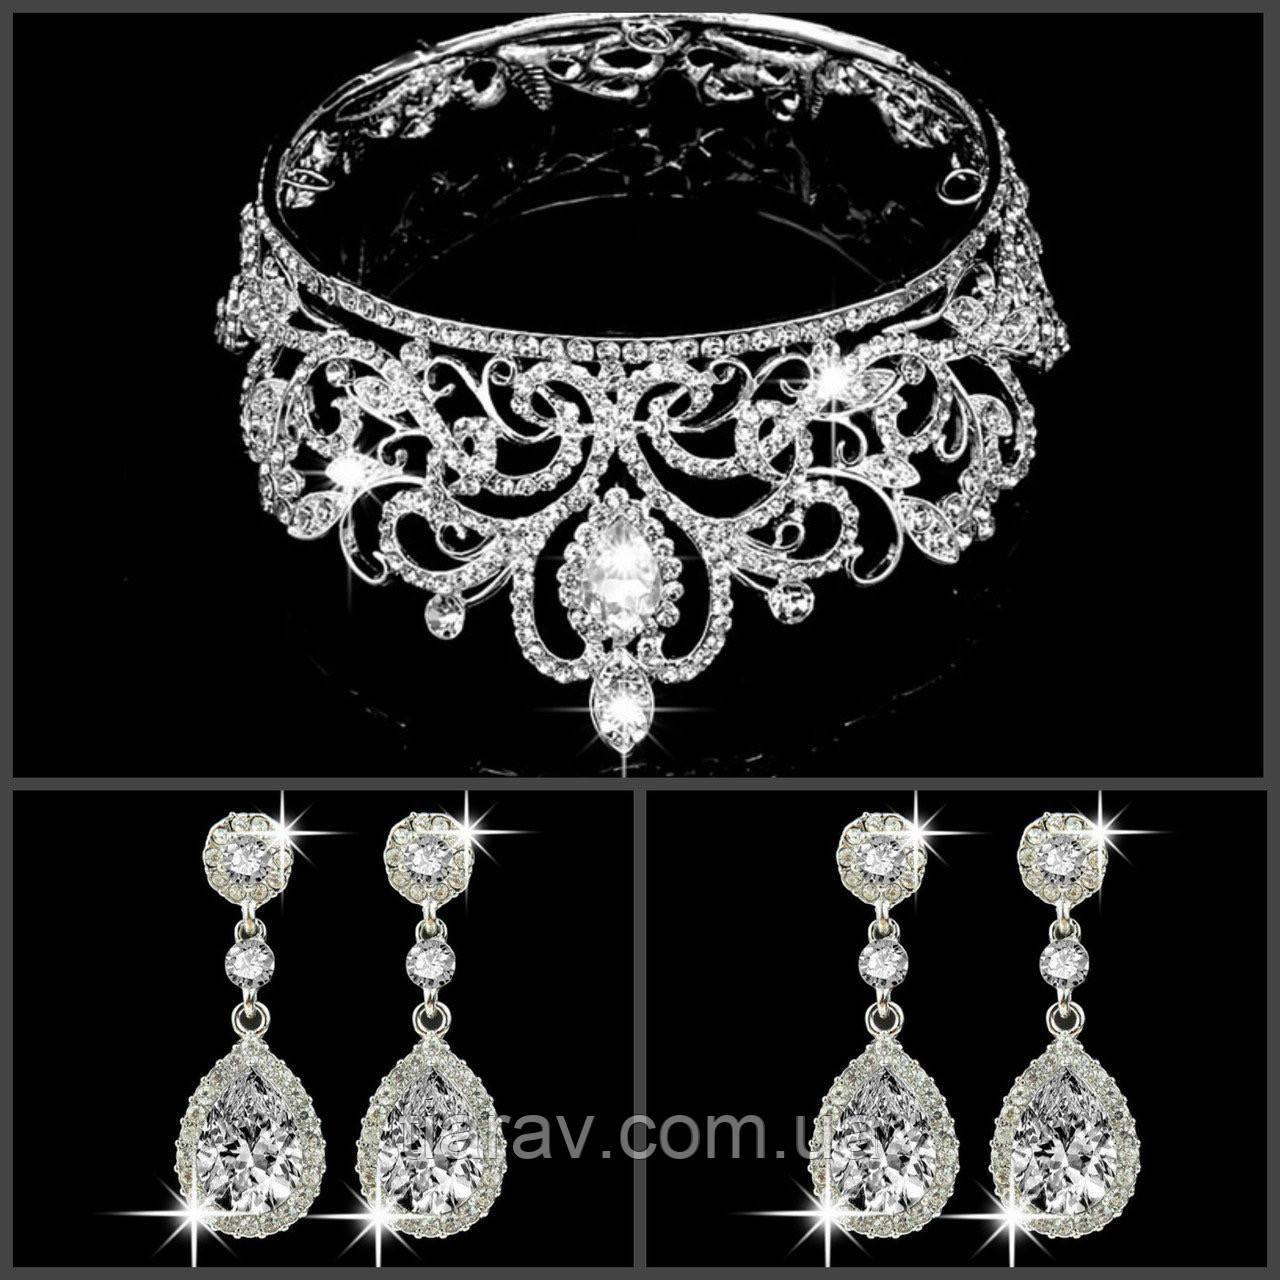 Набор свадебный корона и серьги Теона диадема для волос, Весiльнi прикраси, прикраси для волосся